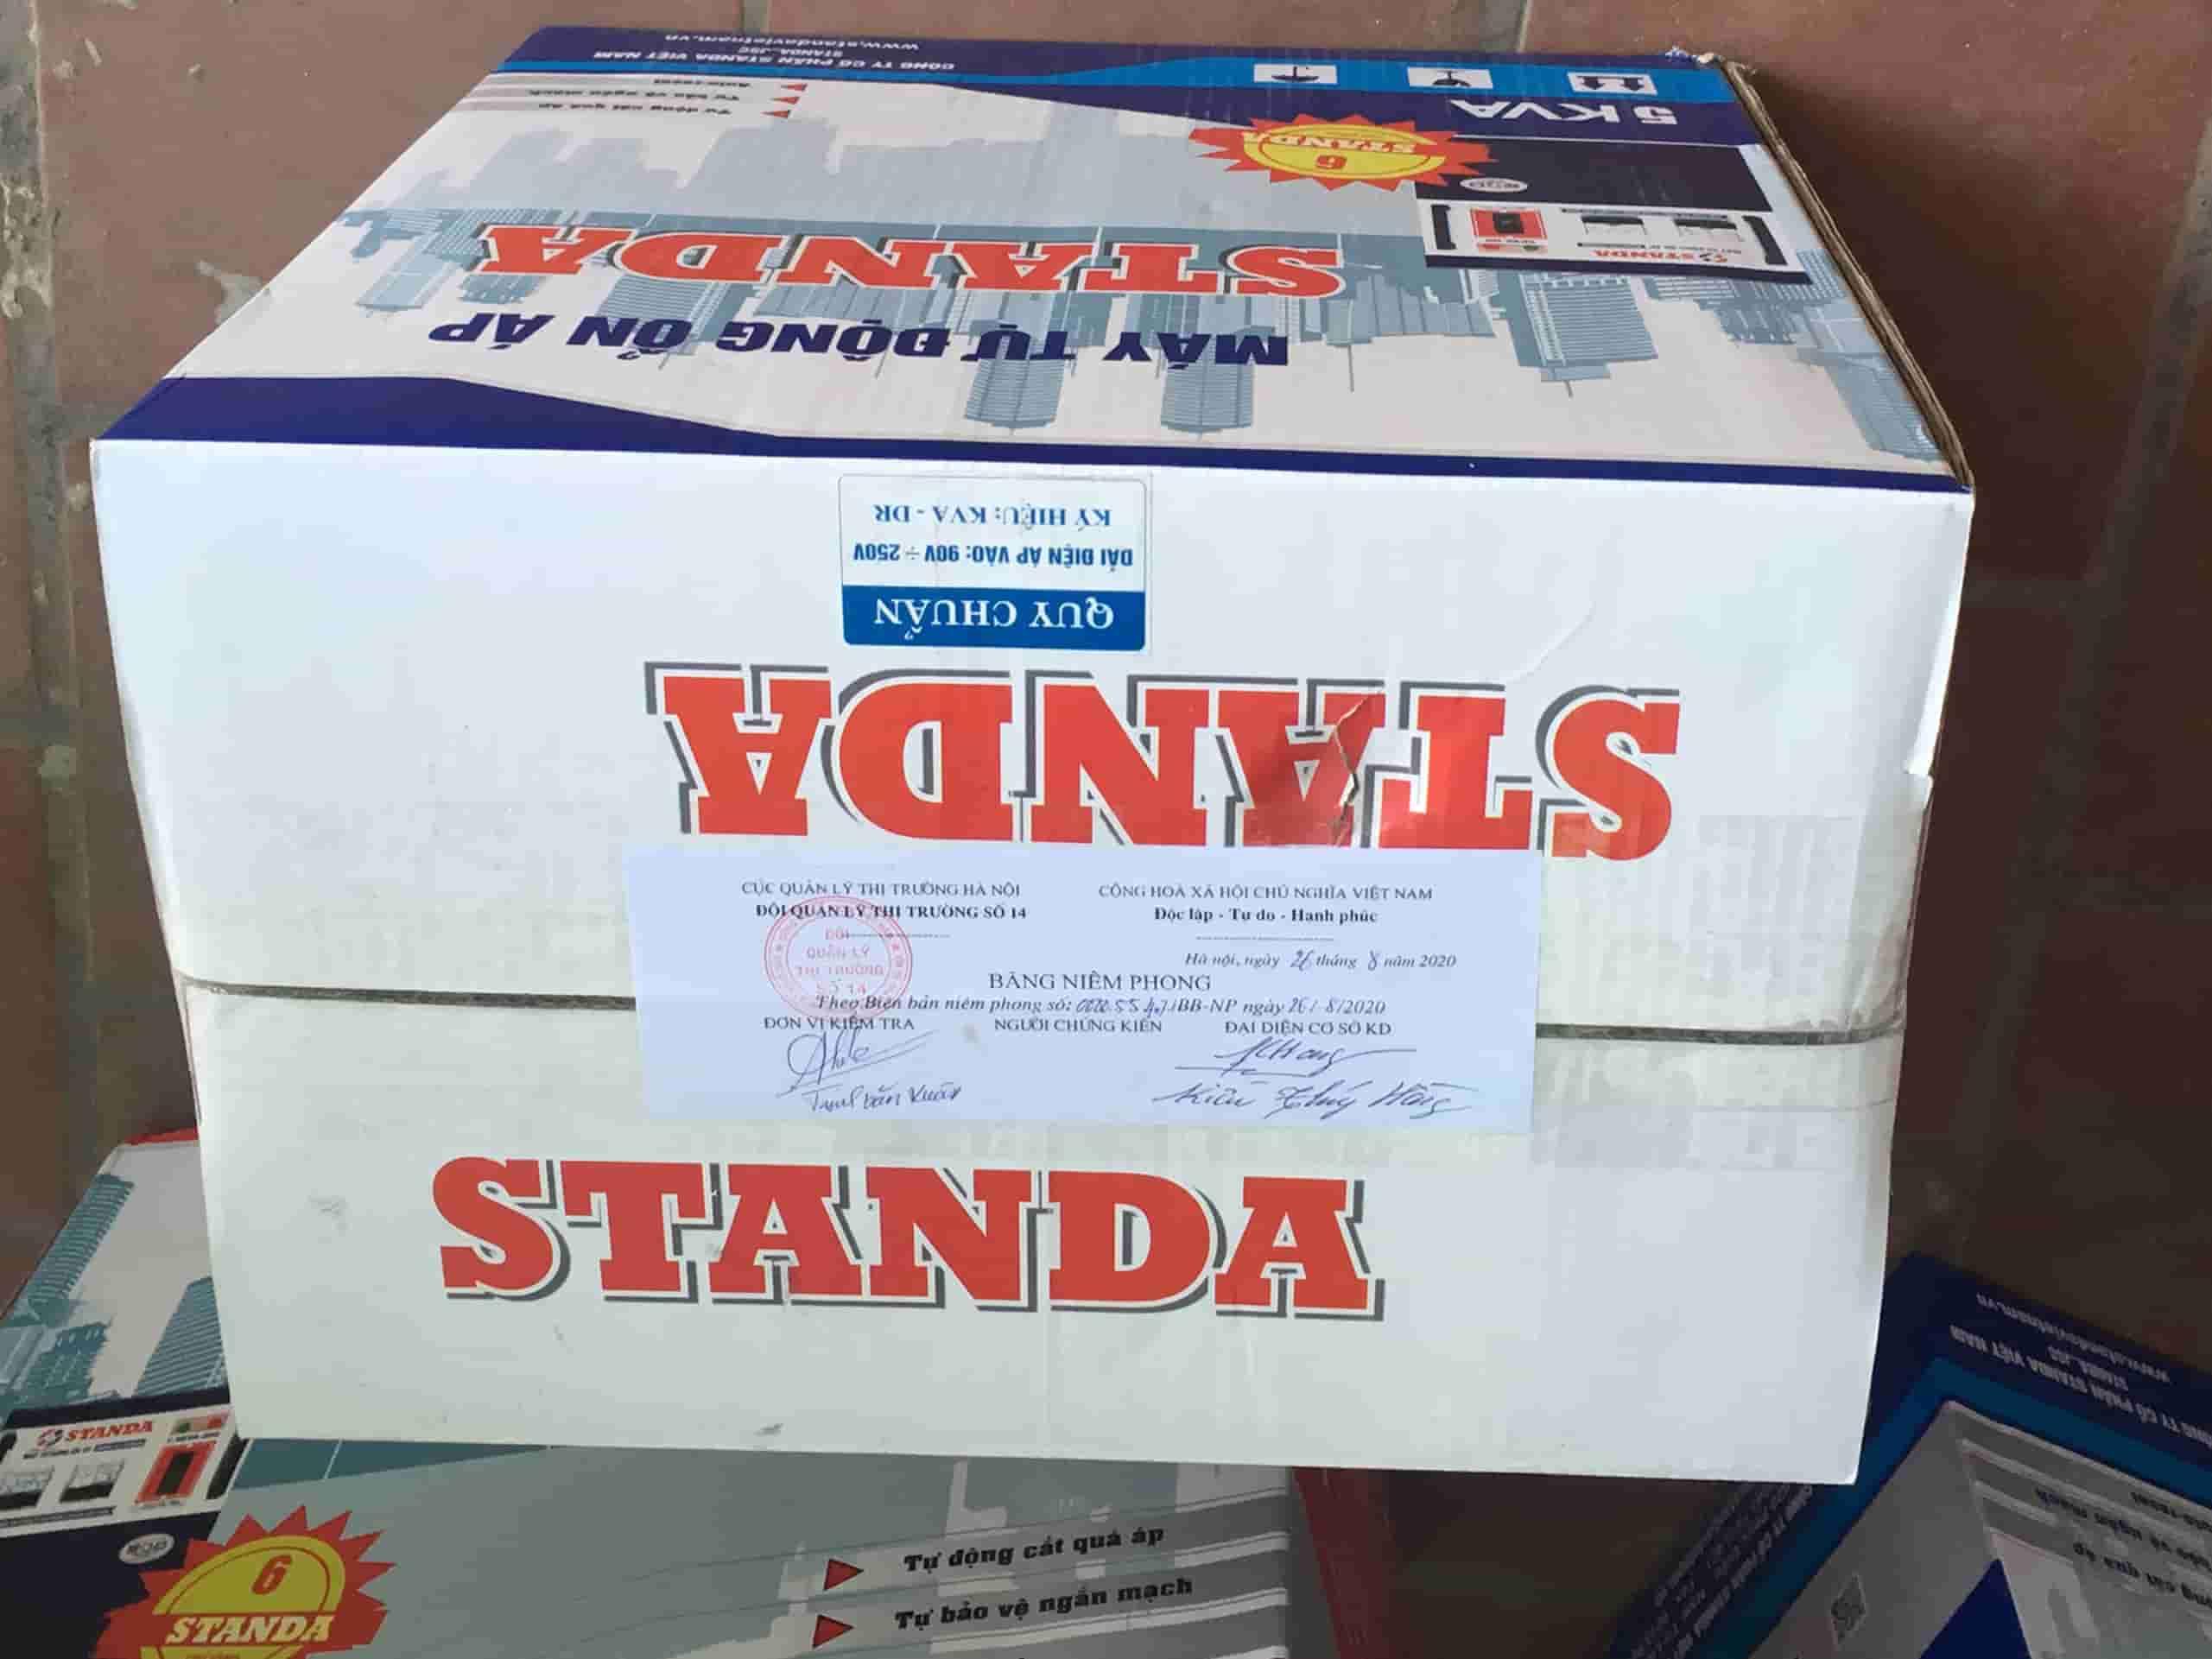 Quản Lý Thị Trường Hà Nội và Công an kinh tế xử lý sai phạm nhãn hiệu Standa